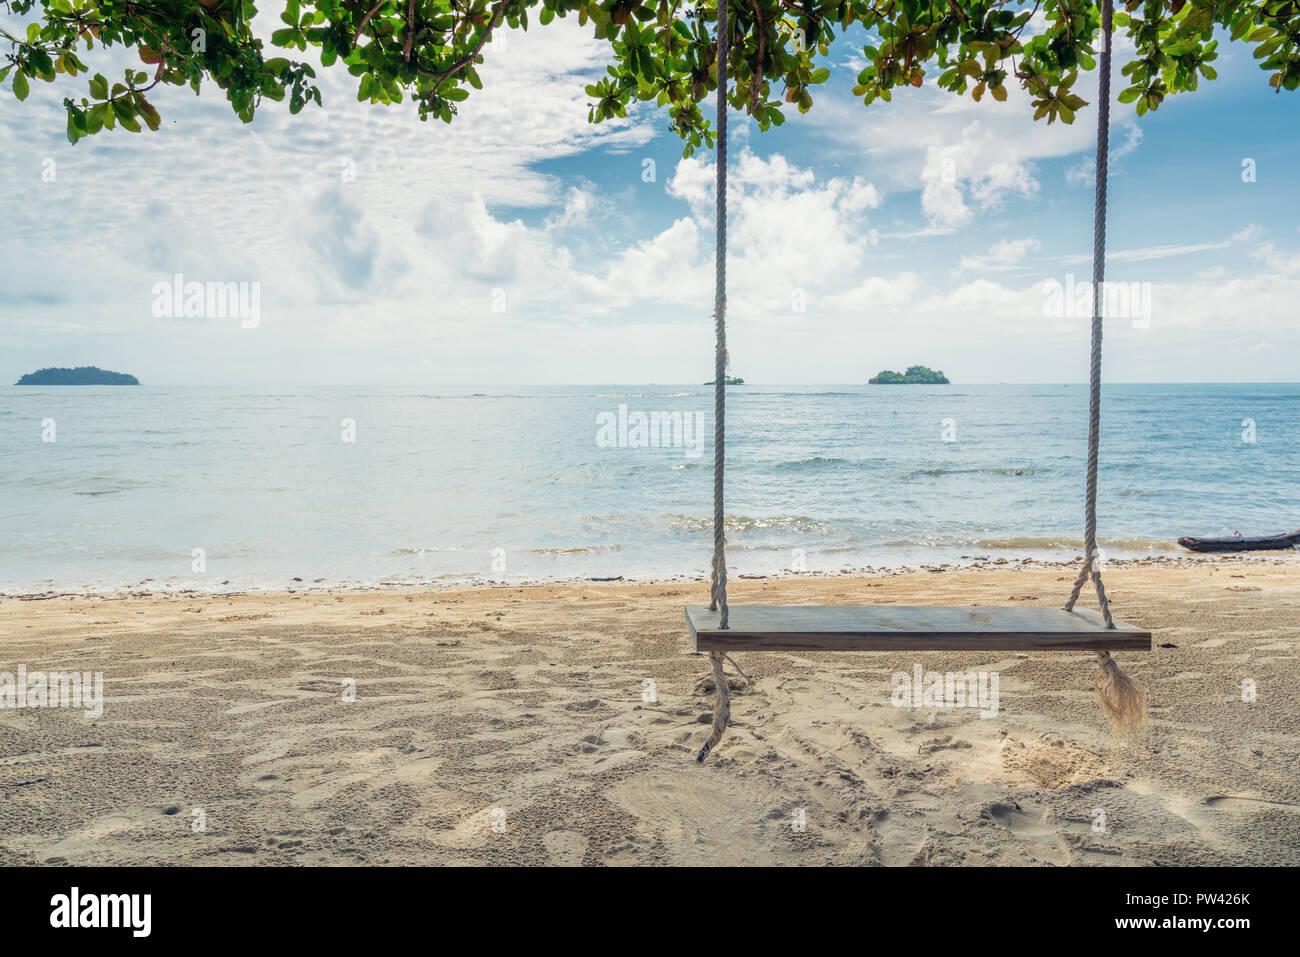 Swing in legno sedia appesa su albero vicino alla spiaggia di Isola di Phuket, Tailandia. Estate Vacanze viaggi e vacanze concetto. Immagini Stock